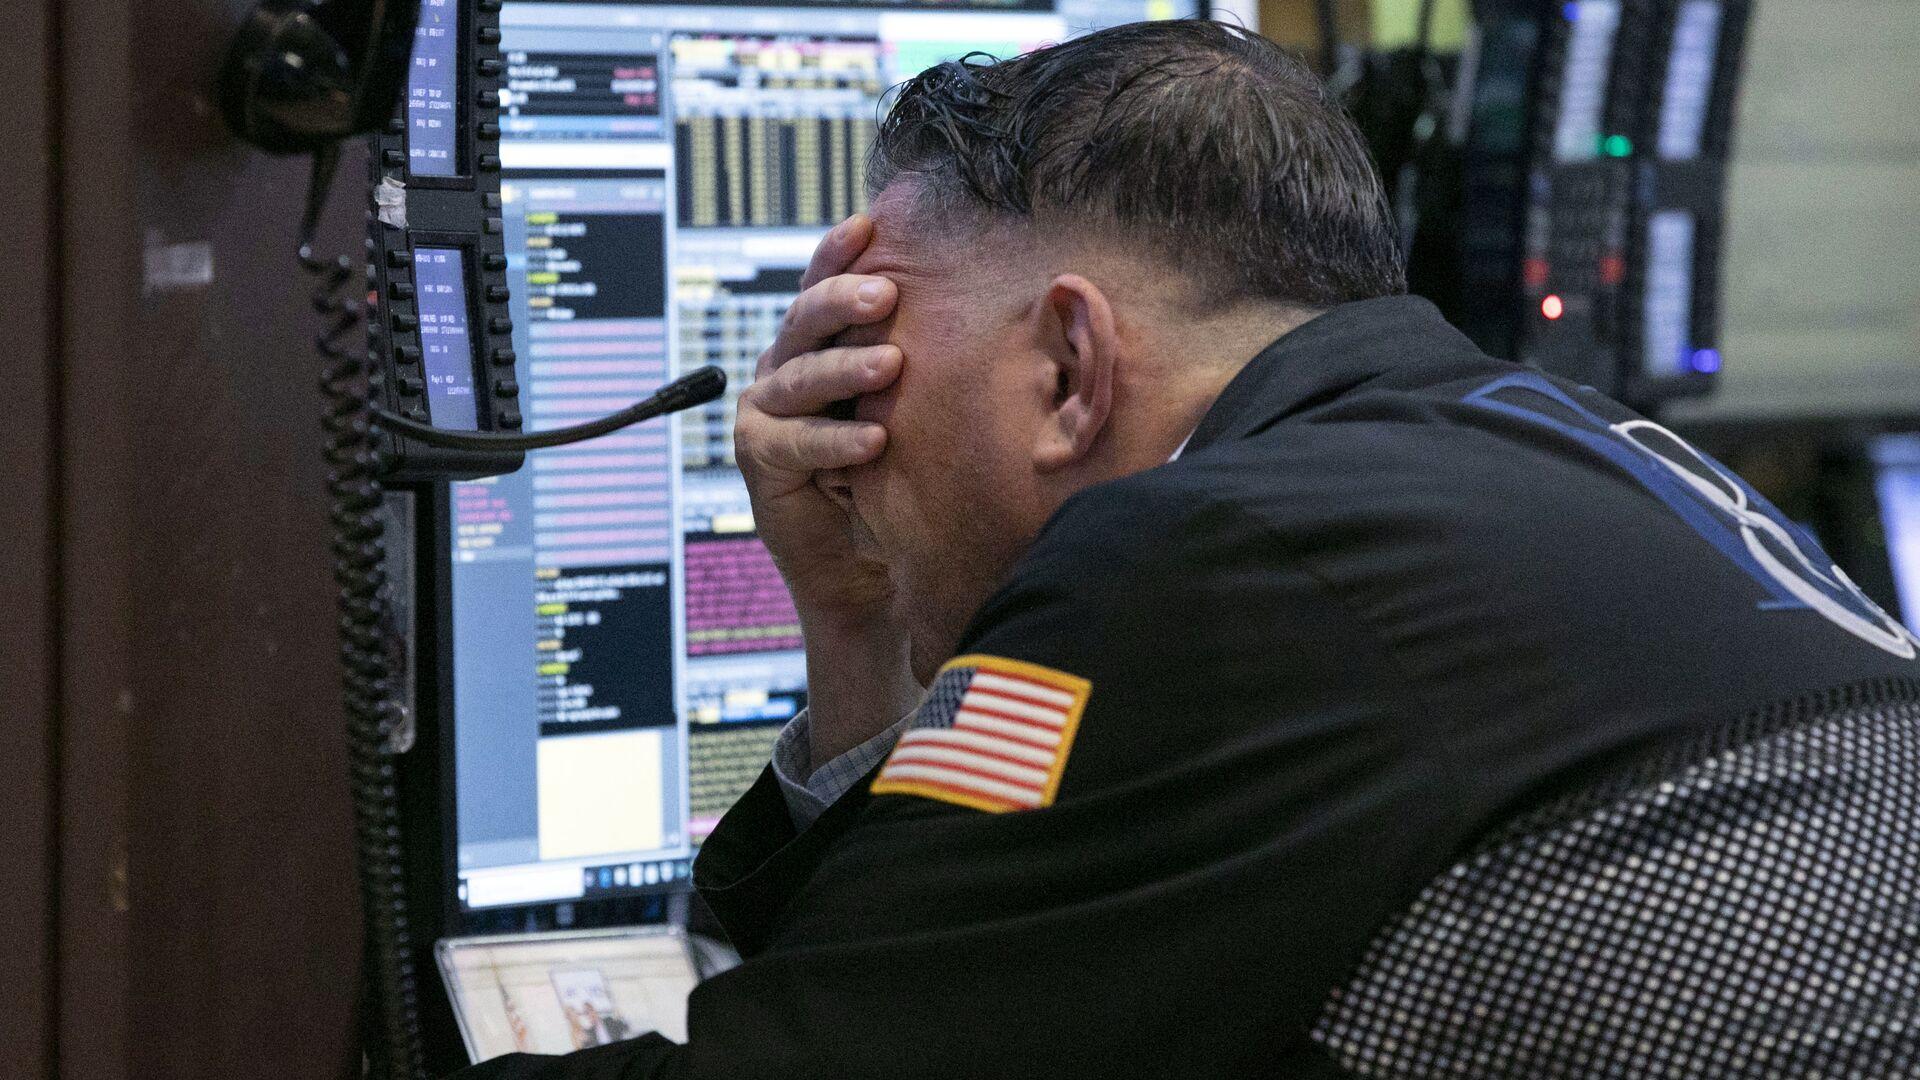 Трейдер на Нью-Йоркской фондовой бирже. 26 октября 2018 - РИА Новости, 1920, 29.01.2021